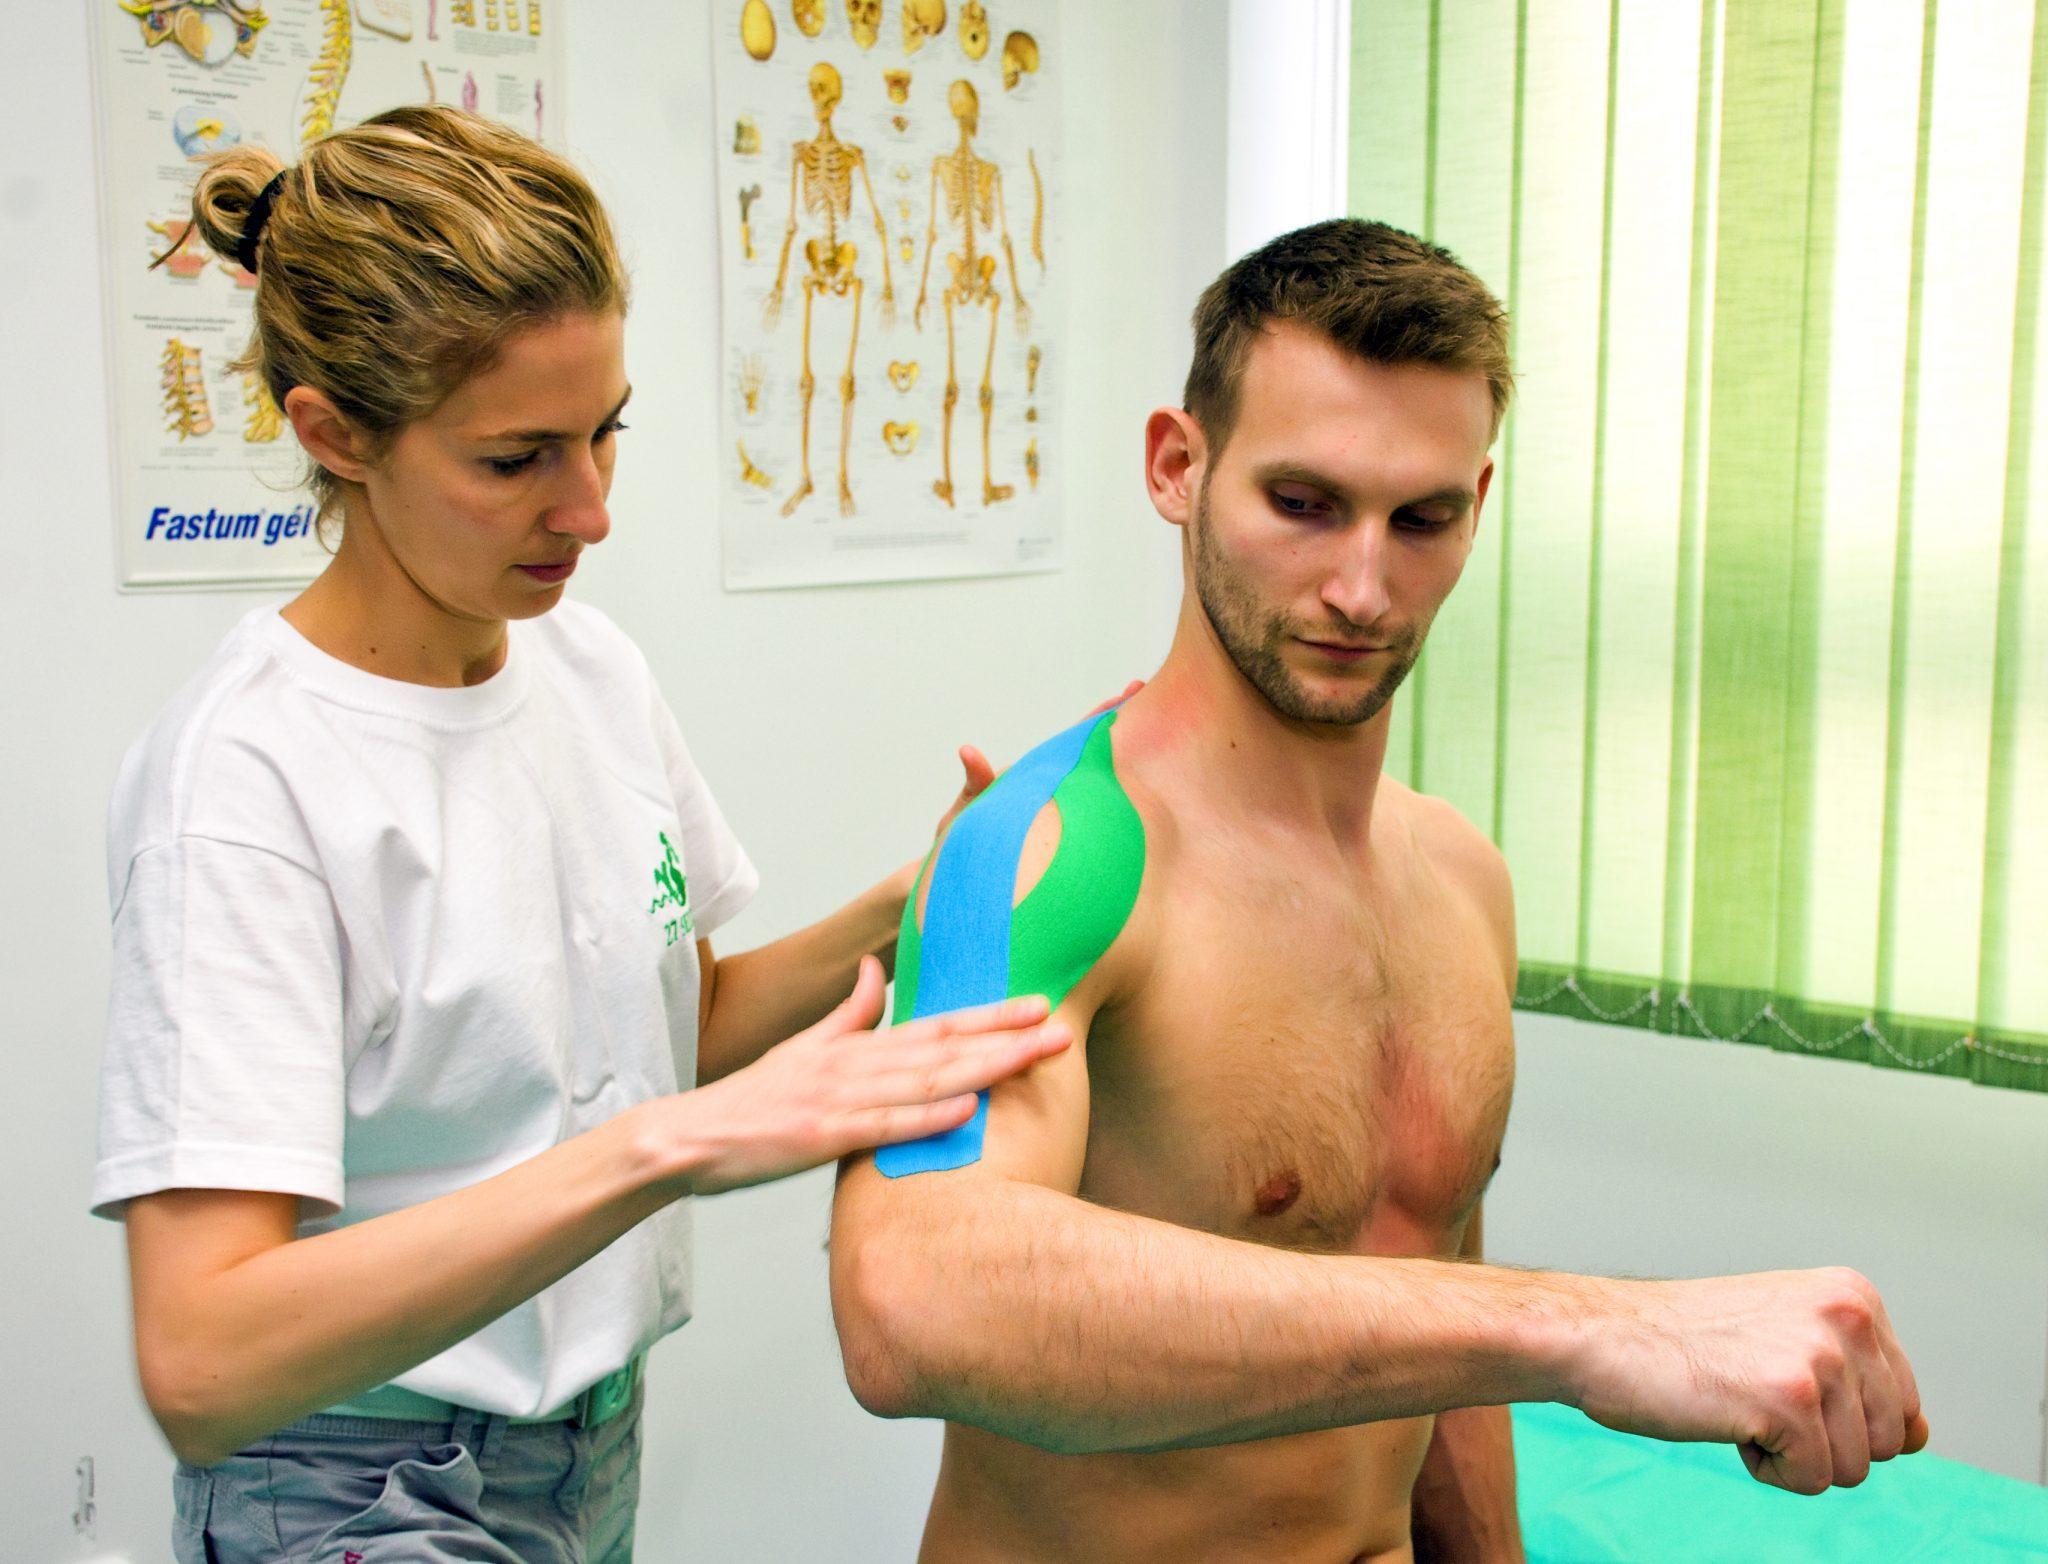 kinesiotape az ízületek és izmok fájdalmainak kezelésére